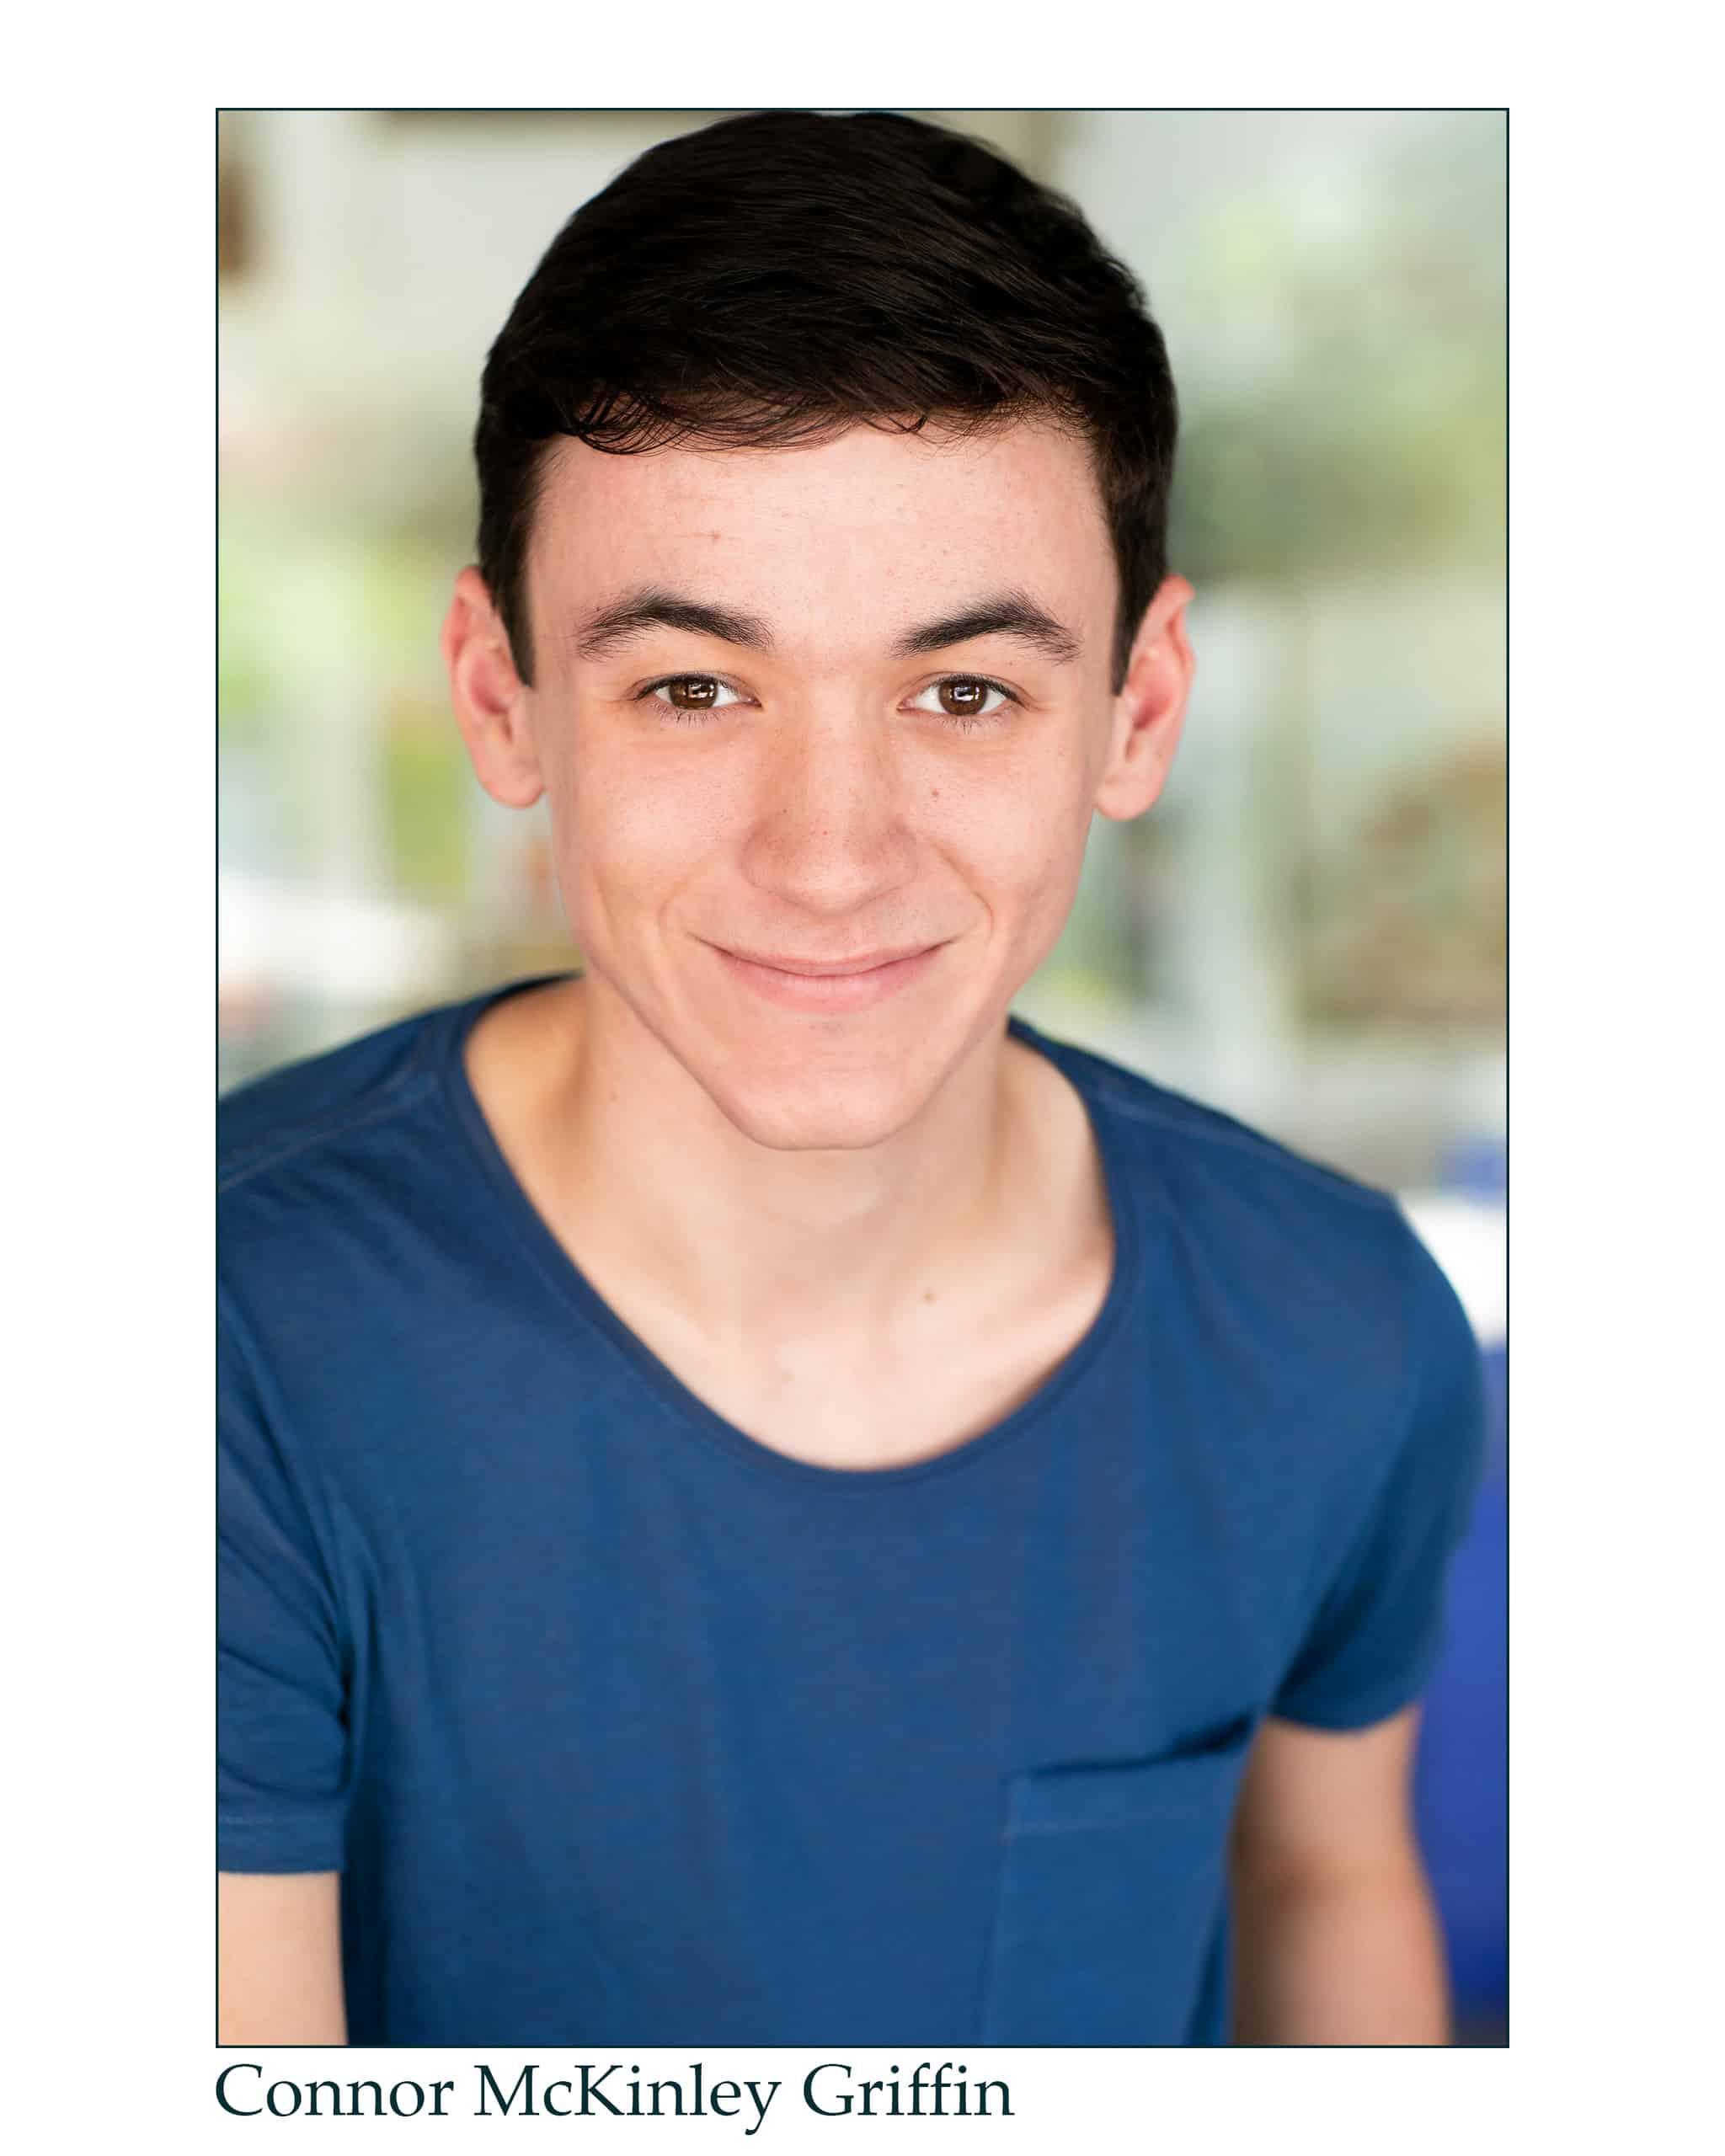 Connor McKinley Griffin